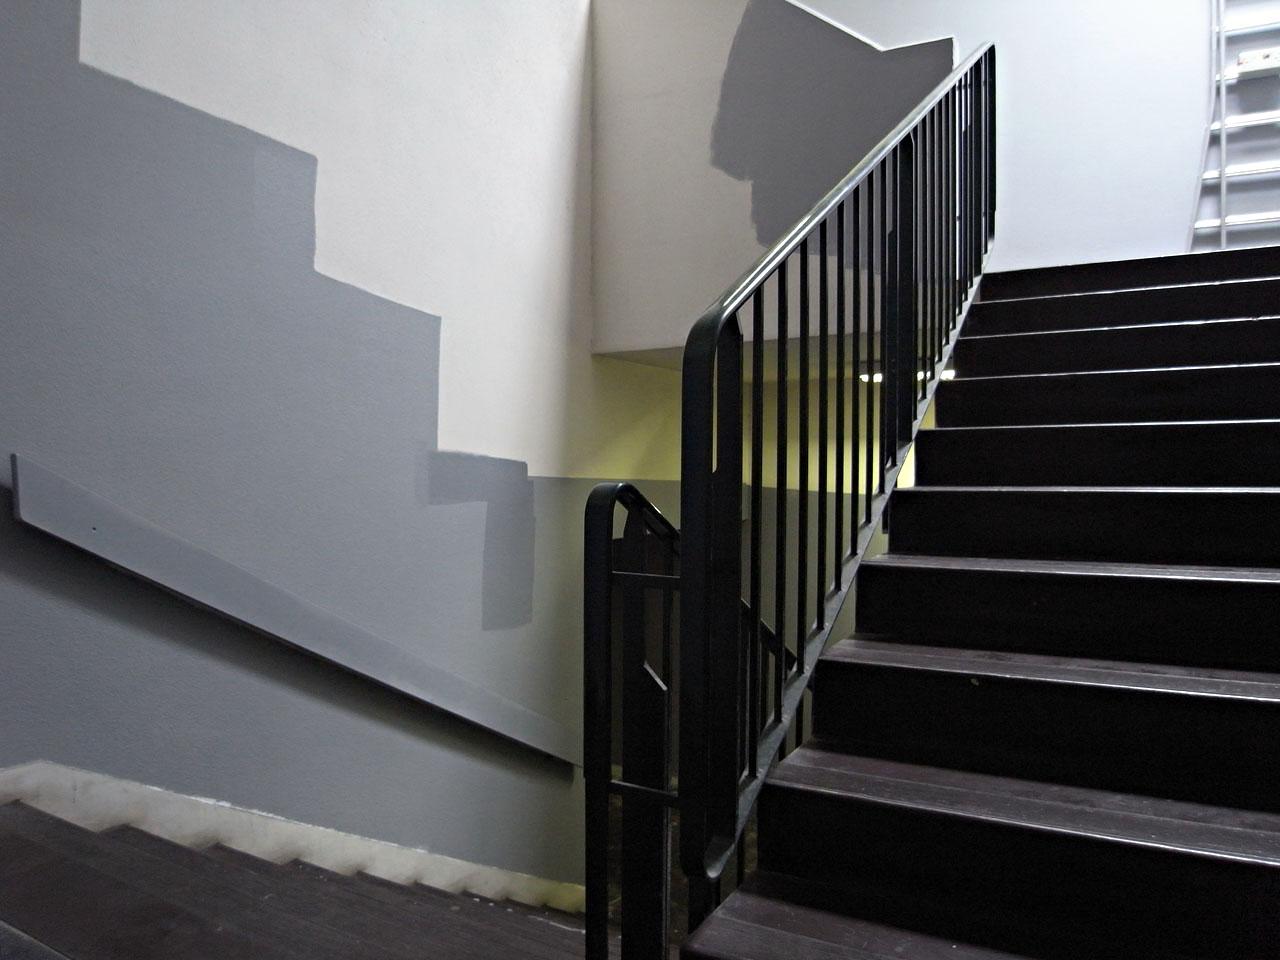 Peindre Un Escalier En Gris jlggbblog · escaliers en peinture